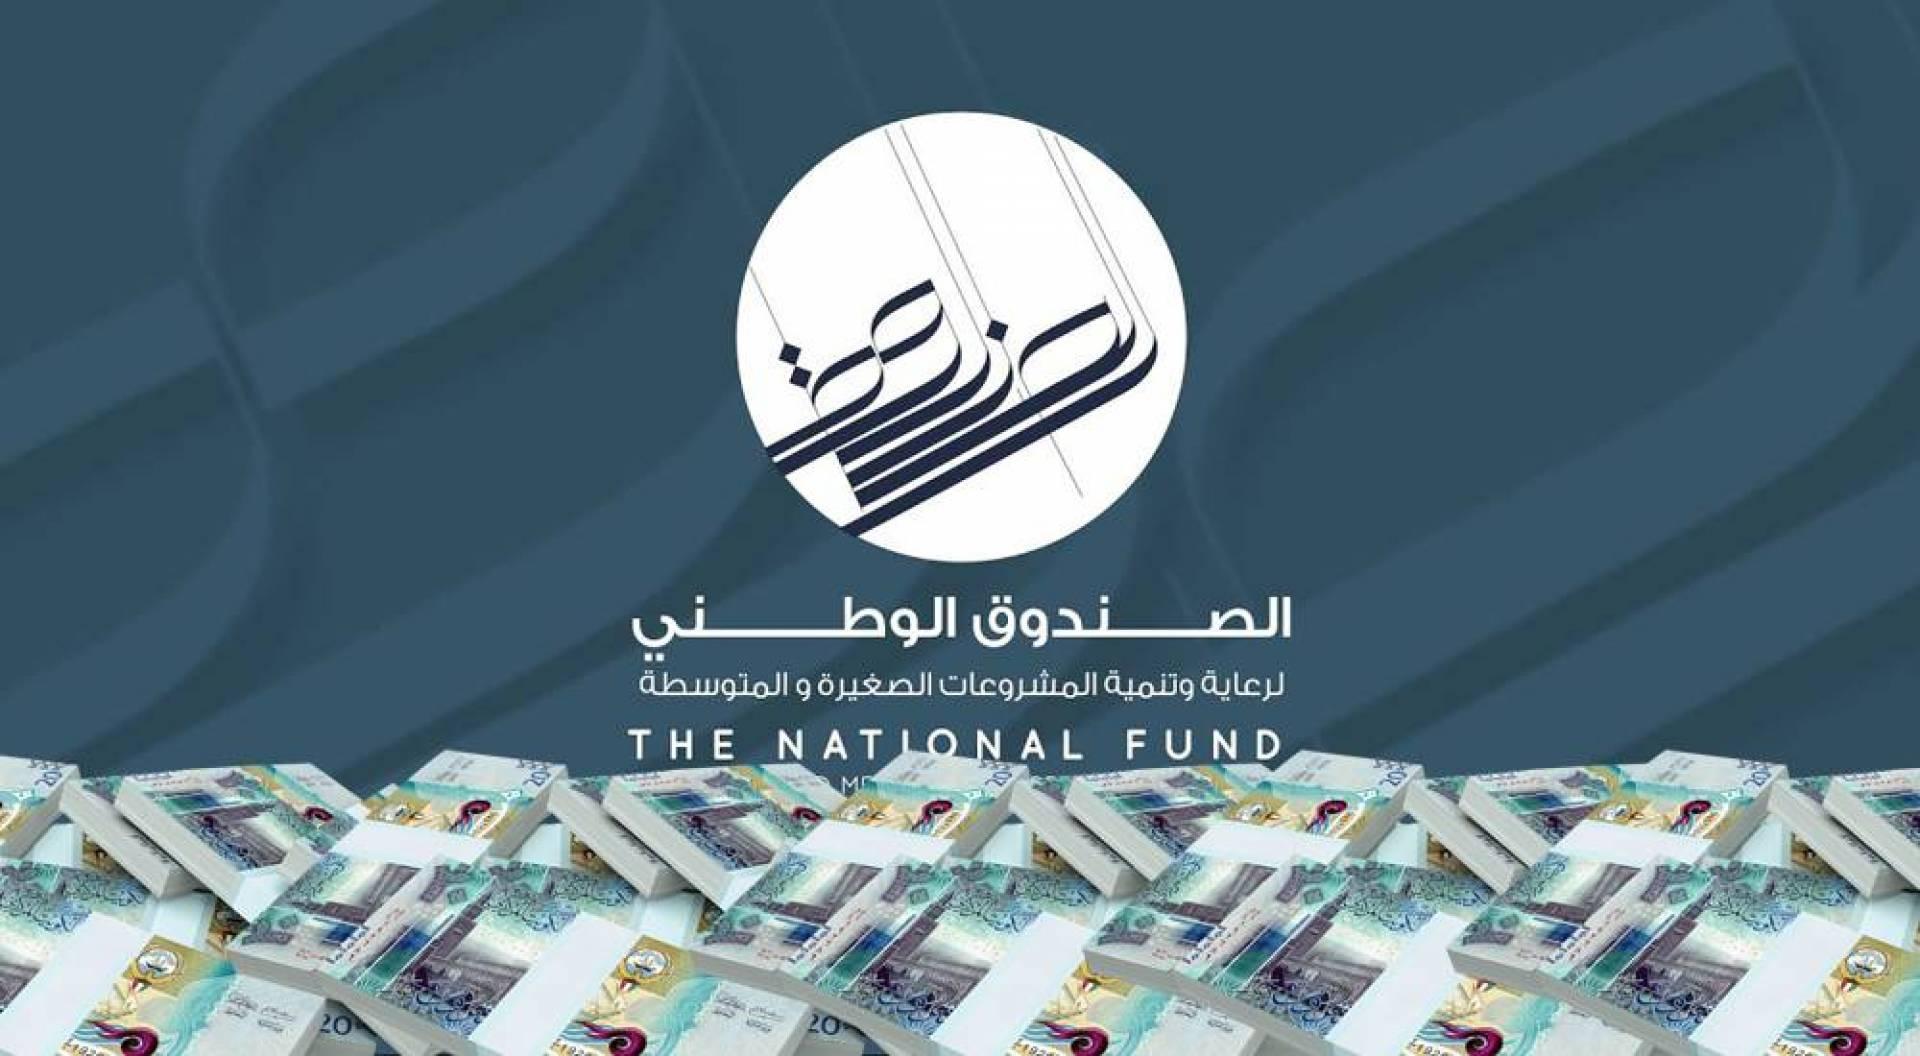 «الصندوق الوطني» يرفض القرض الميسر